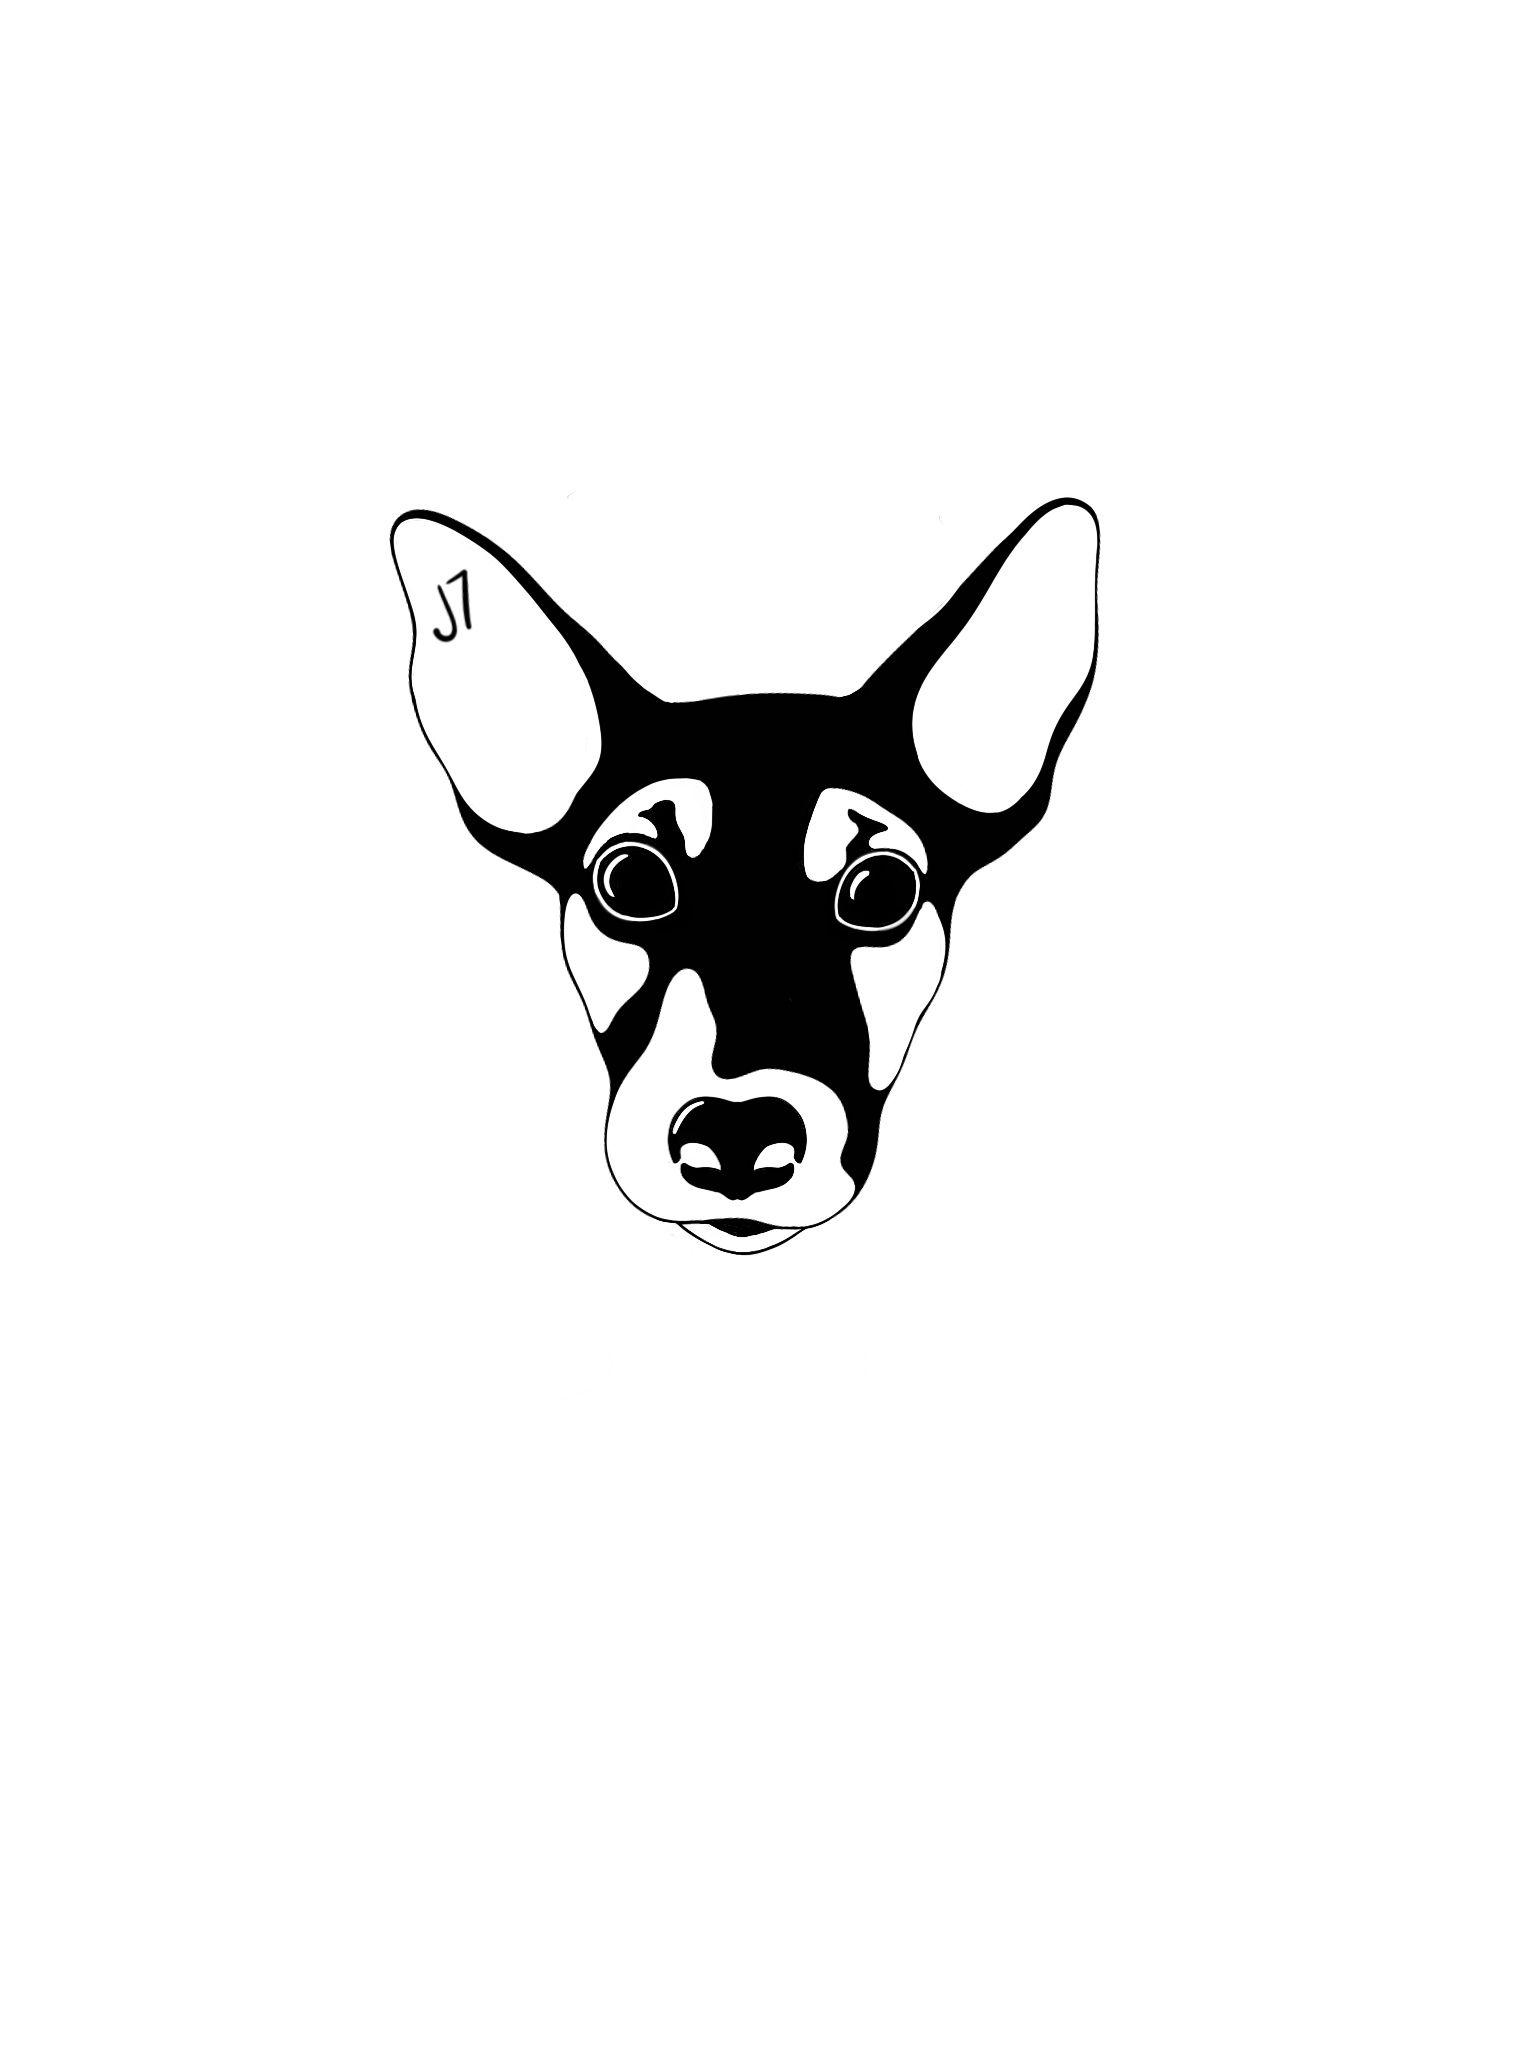 #UNika #логотип #мойпин #рисунки #идеи #tatoo #вдохновение #первыеработы #лого #попарт #арт #art #popart #логтипназаказ #наклейки #стикер #стикеры #шауroom #логотипы #значки #знак #черновик #тату #эскиз #татуировка #собака #чб